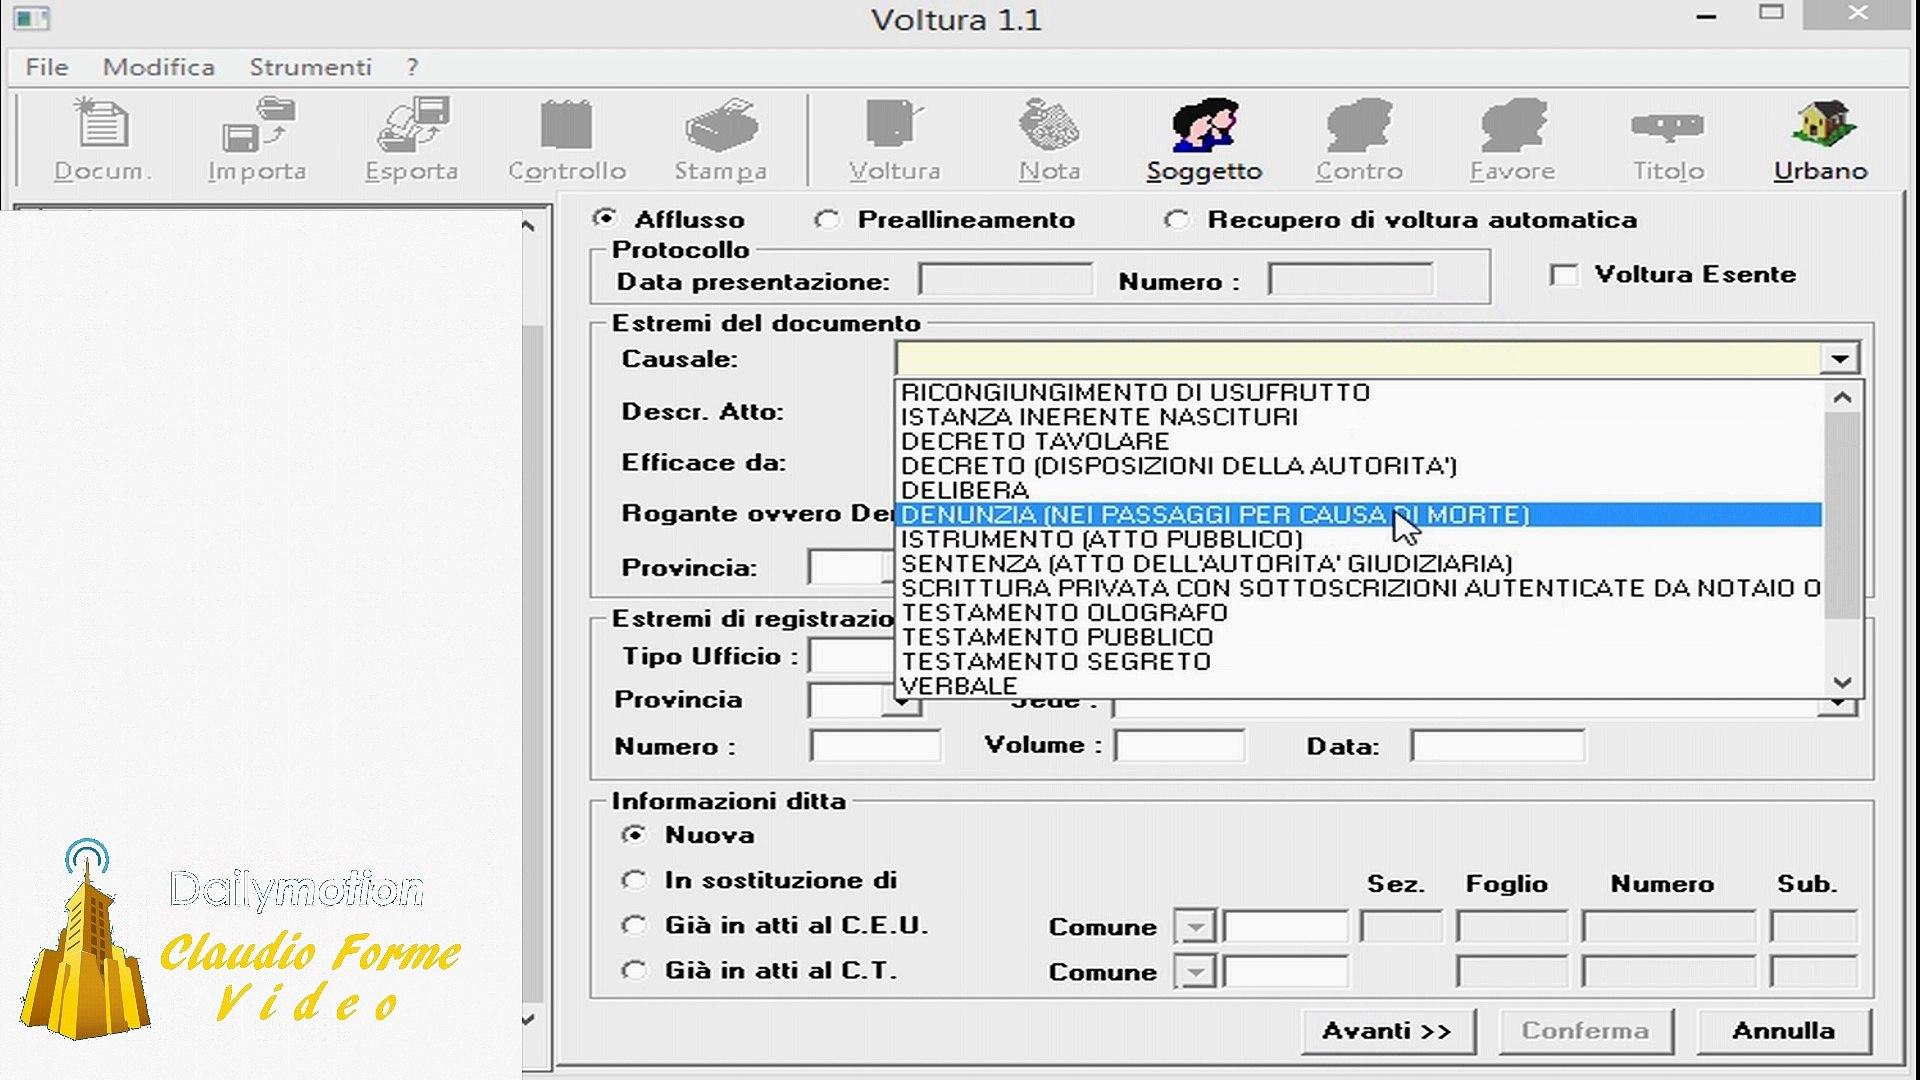 voltura 1.1 download